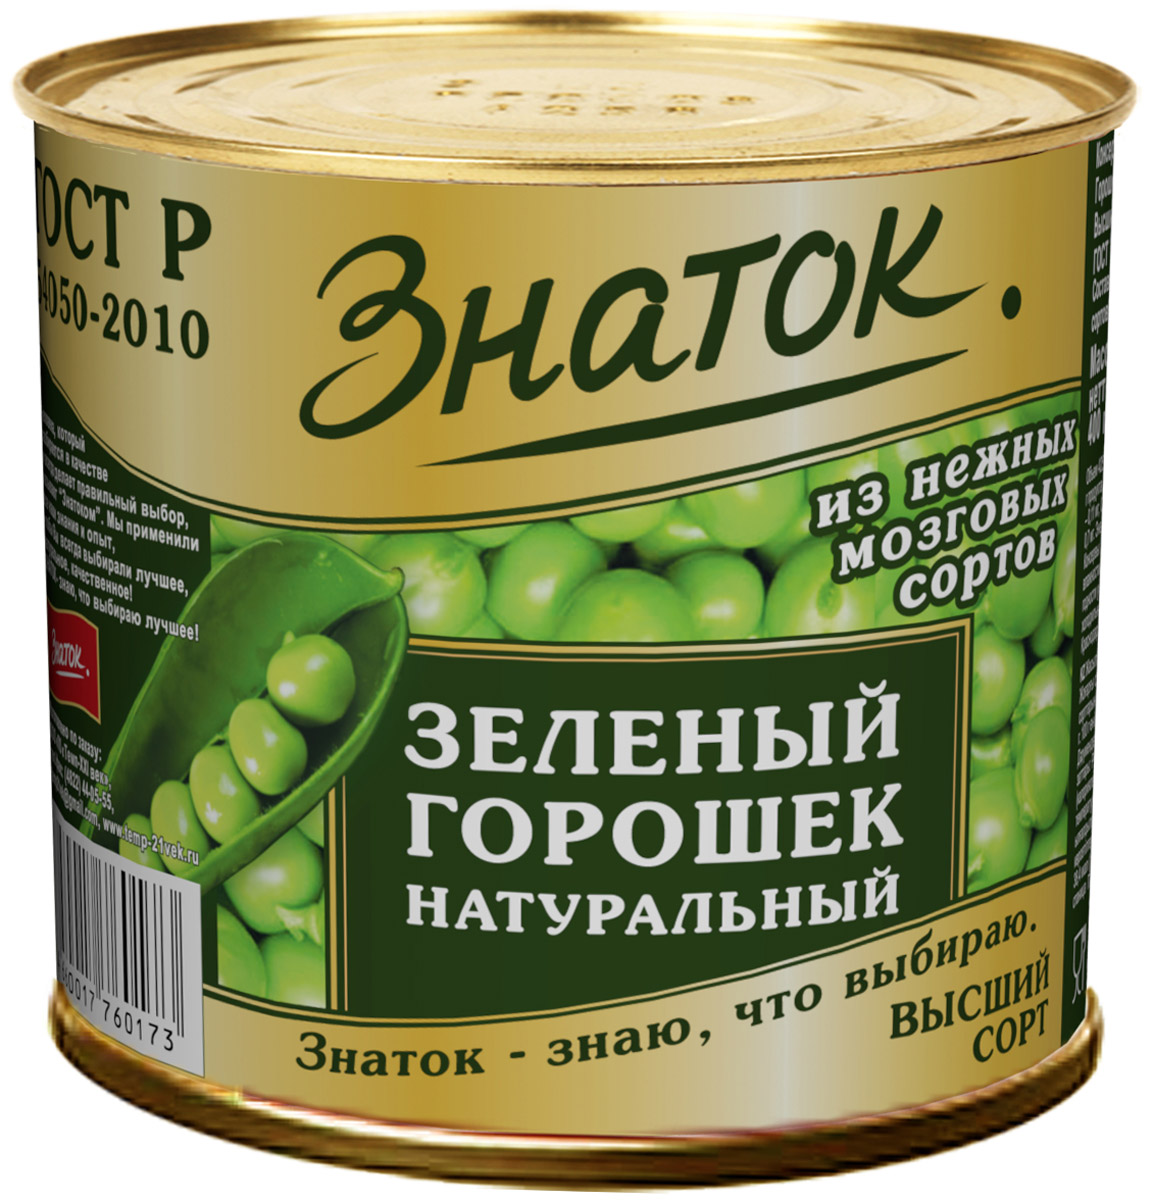 Знаток зеленый горошек консервированный, 425 г00000040754Для консервации используется только молодой, отборный и свежий горошек мозговых сортов. Горошинки ровные некрупные нежно-зеленого цвета в прозрачной заливке. Произведено строго по ГОСТ, высший сорт.